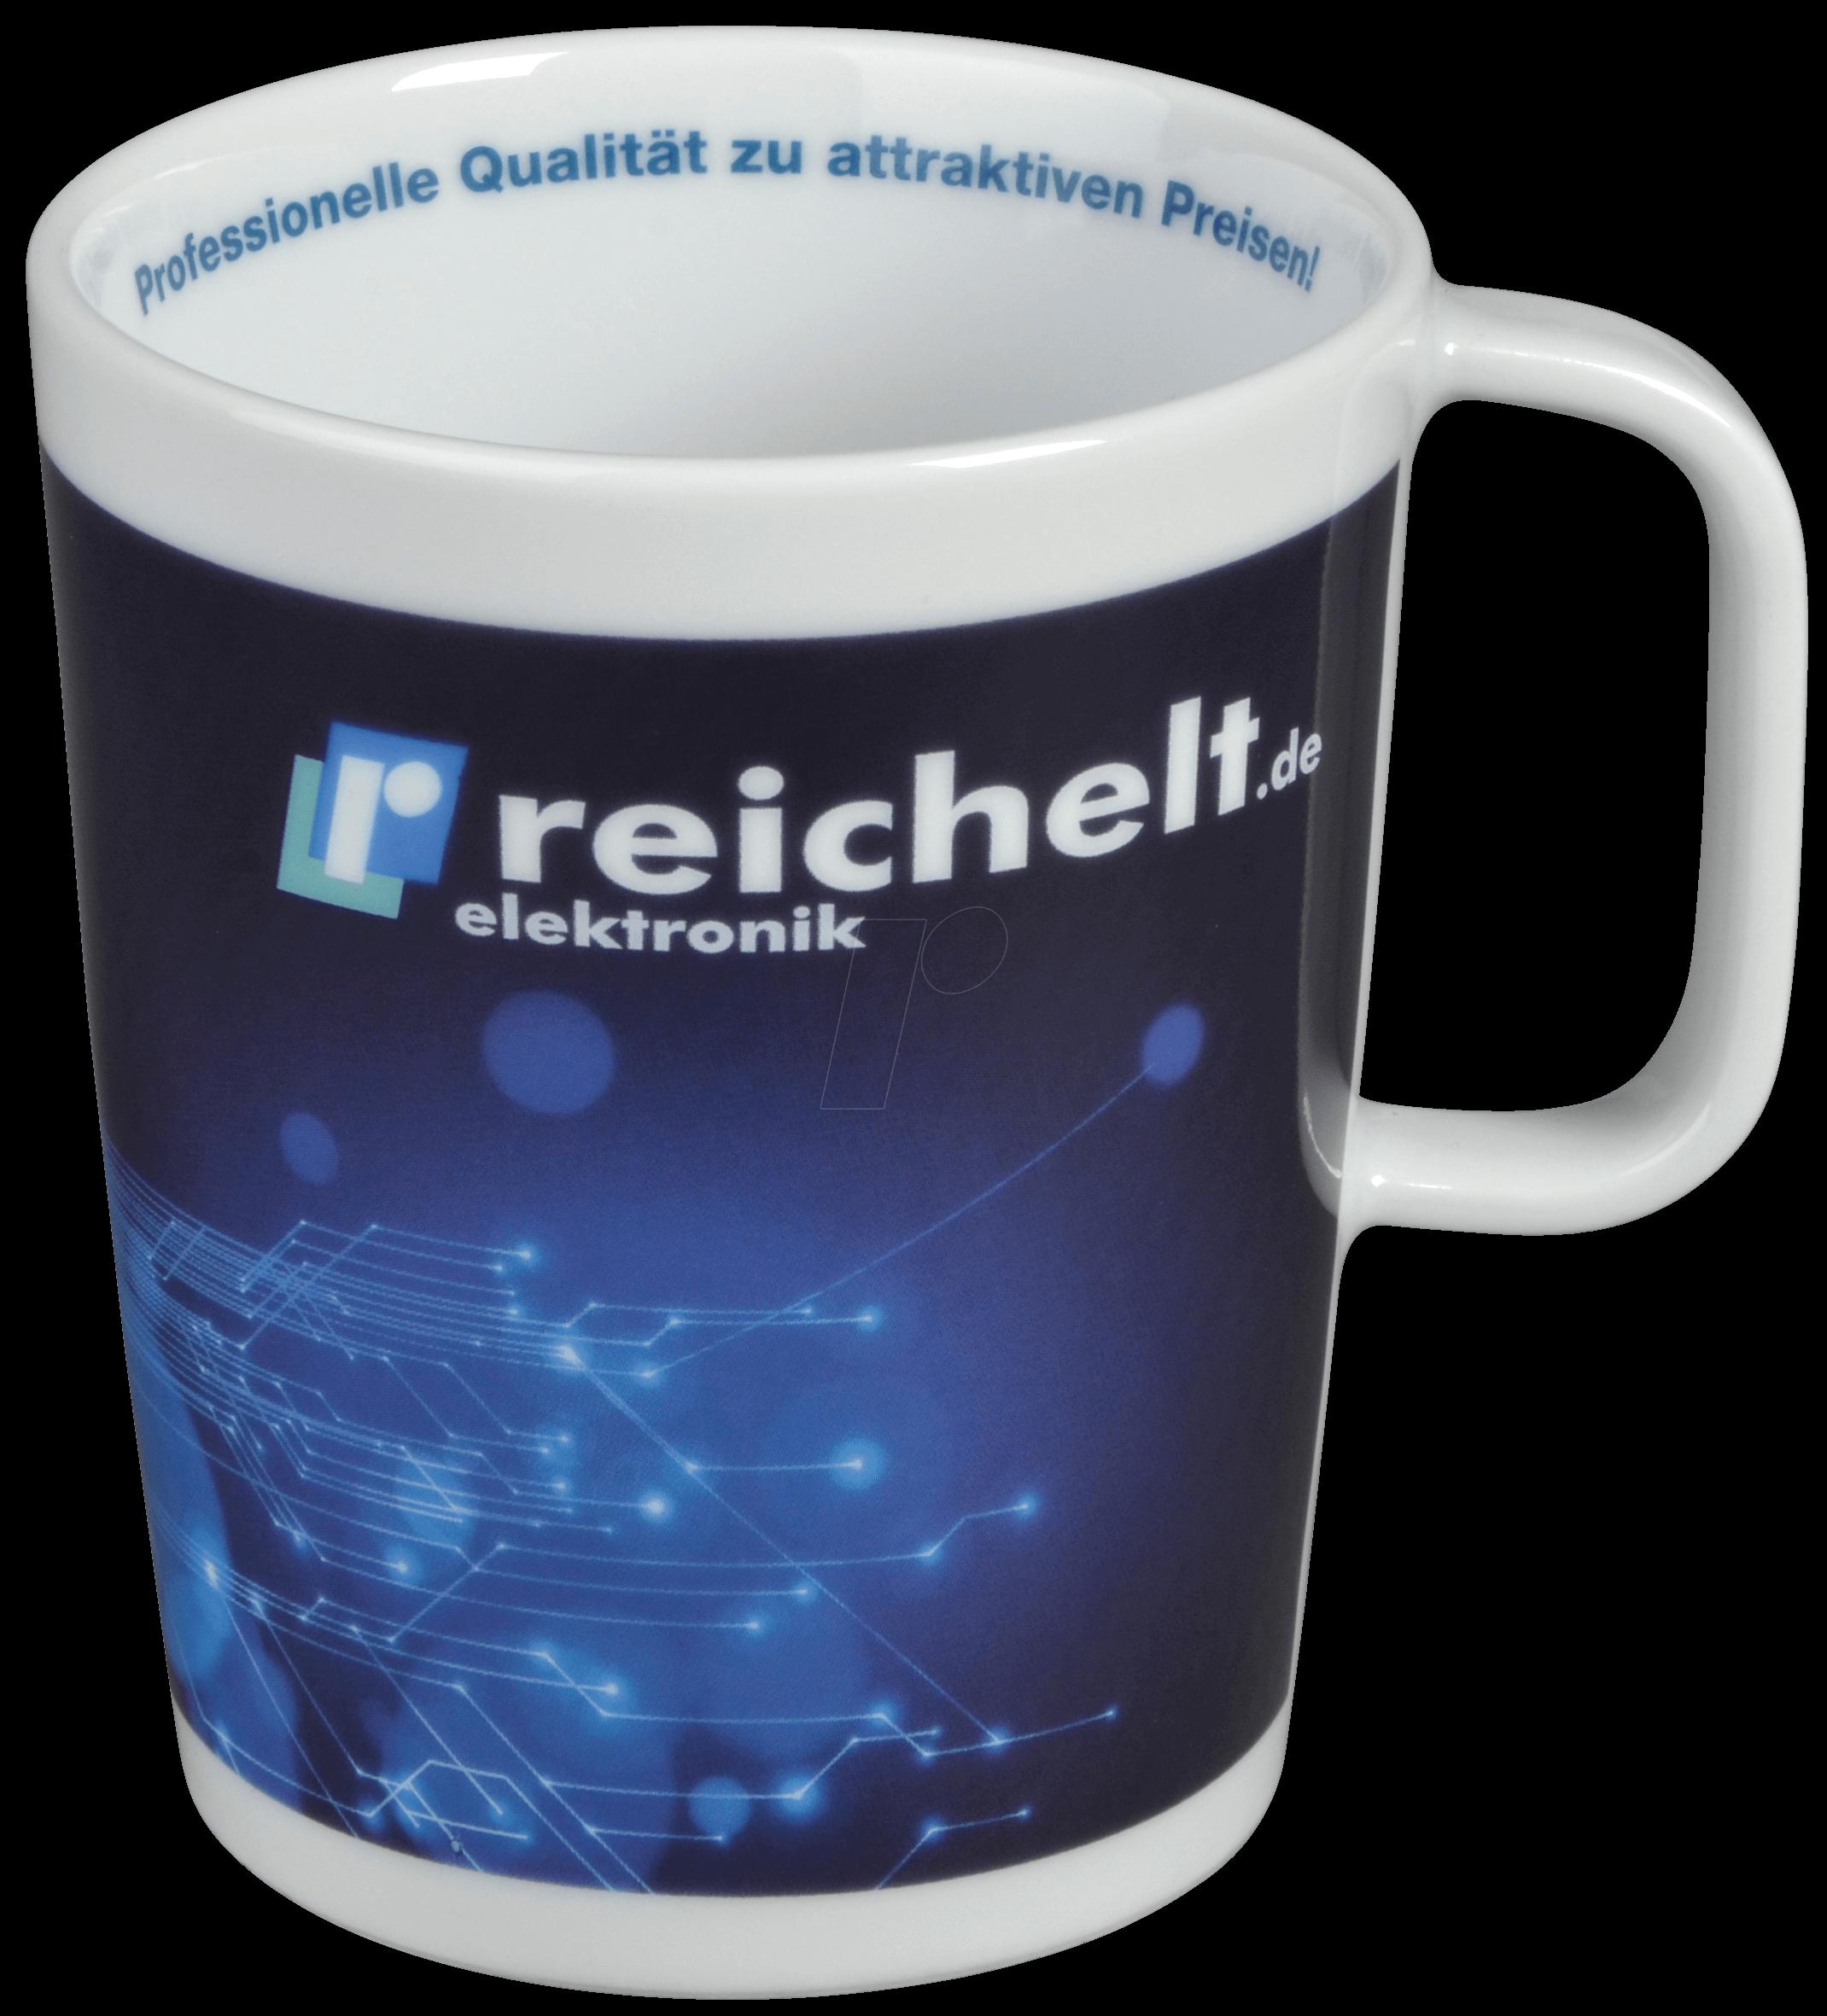 https://cdn-reichelt.de/bilder/web/xxl_ws/R600/REICHELT_TASSE_01.png